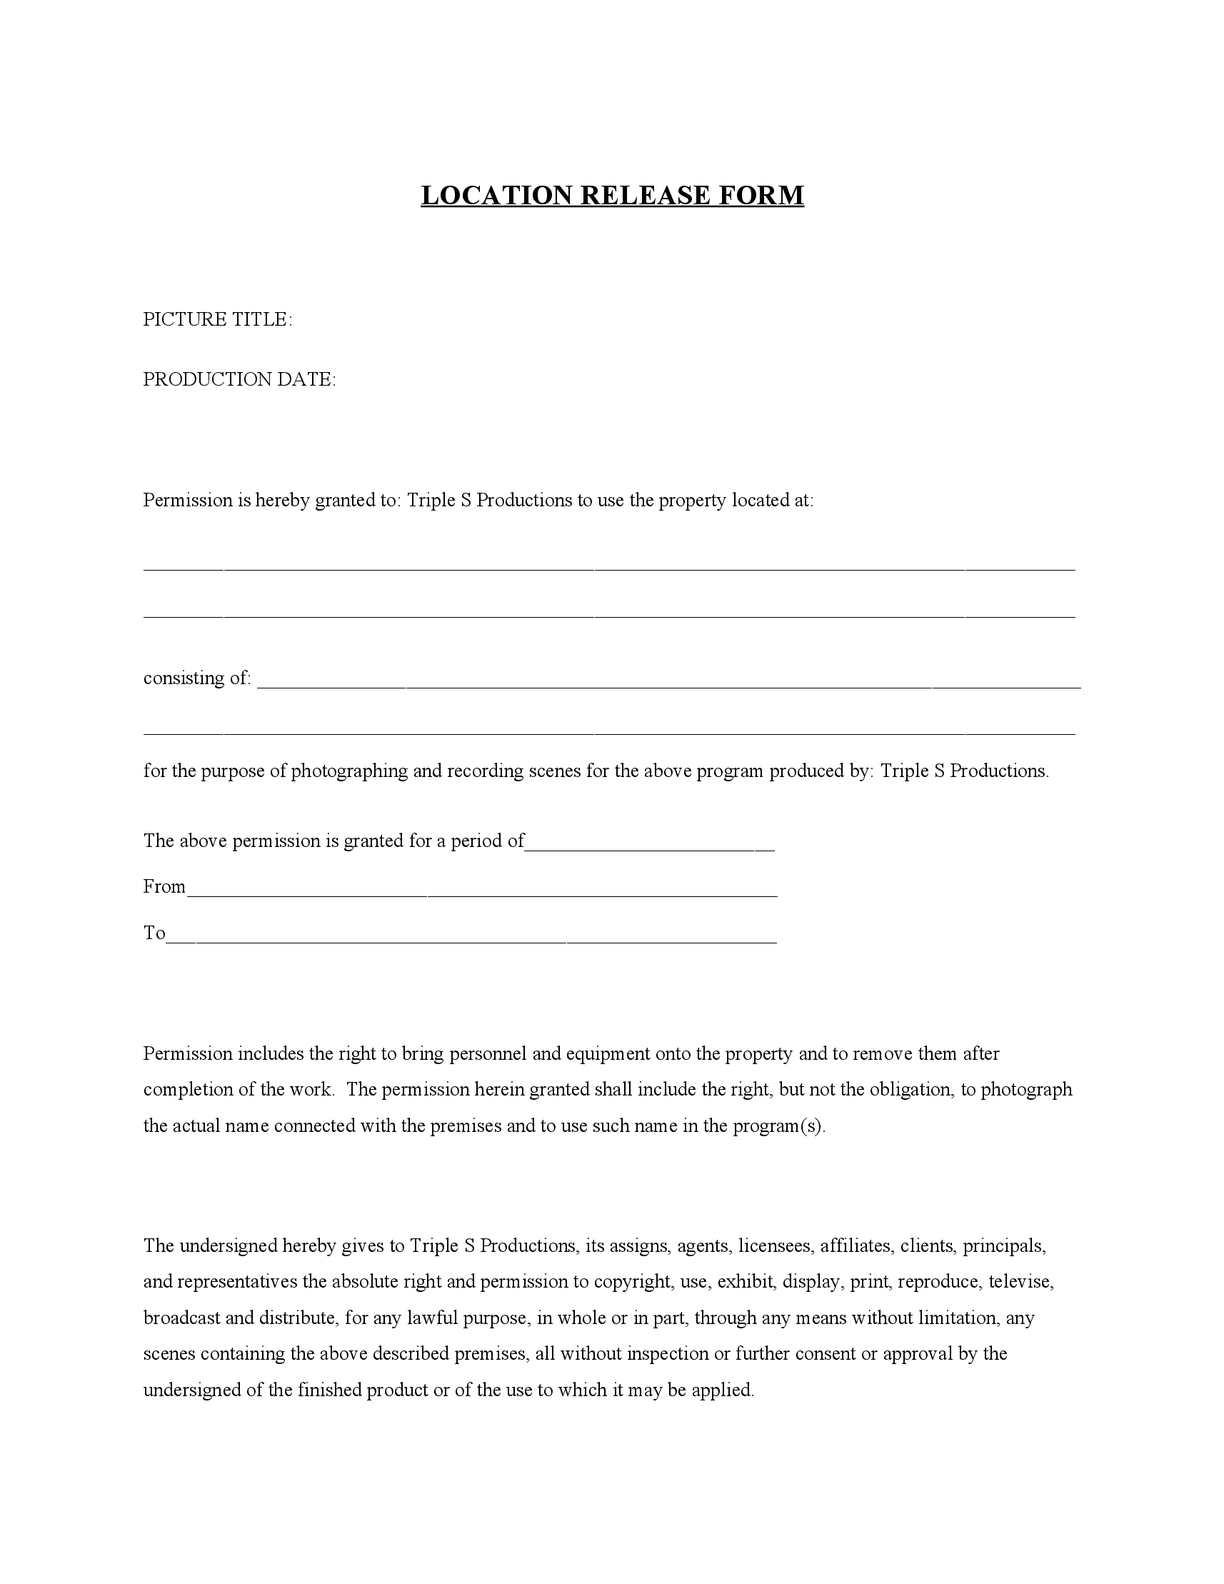 Calaméo - Location Release Form